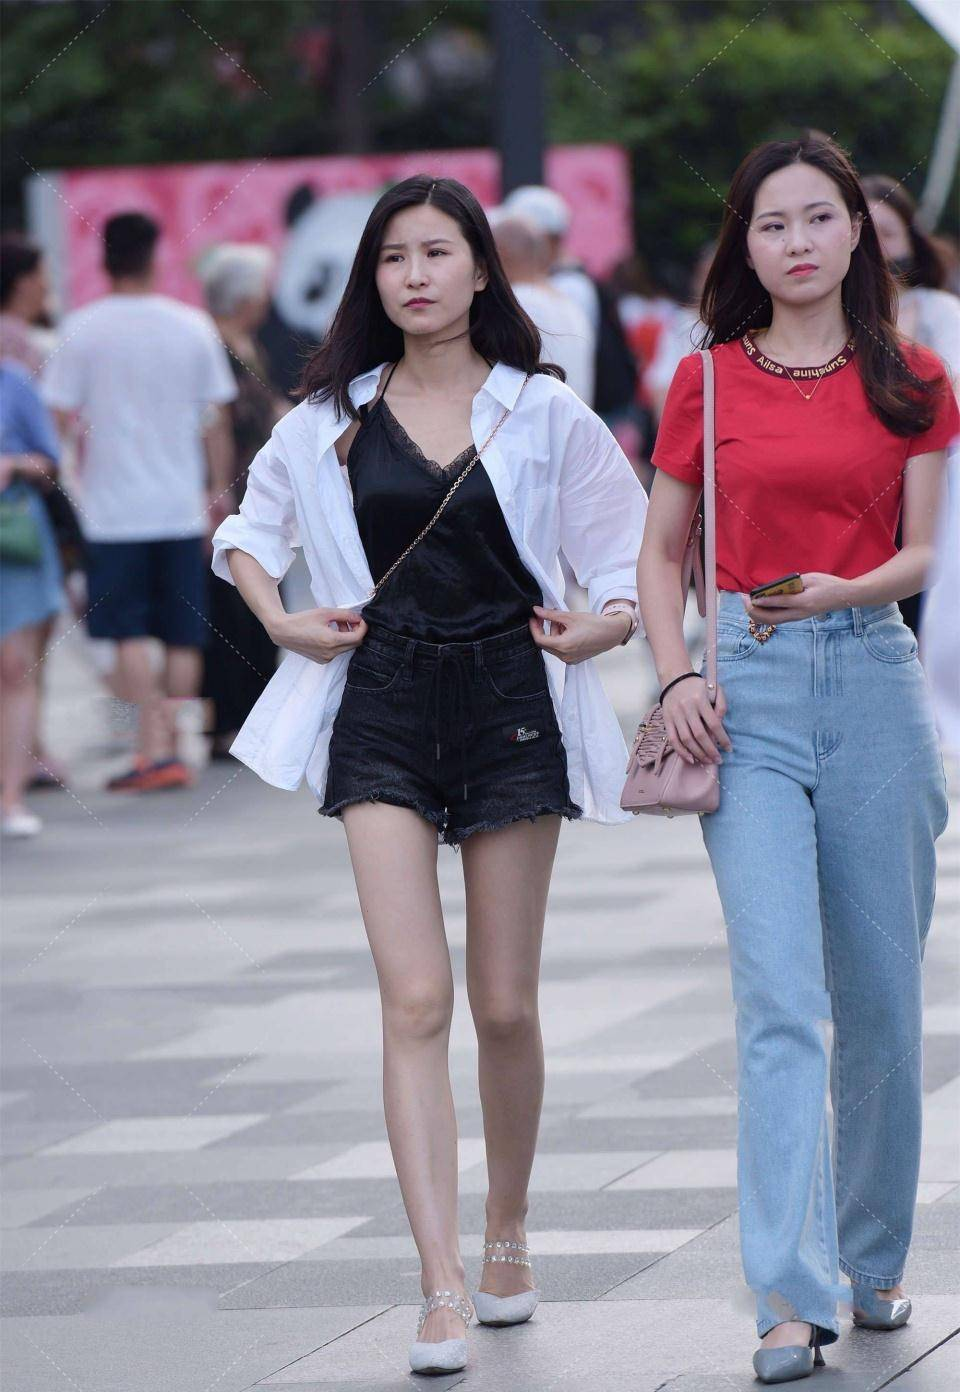 白衬衫内搭一件黑衣服,时髦而英俊,尽显女人味